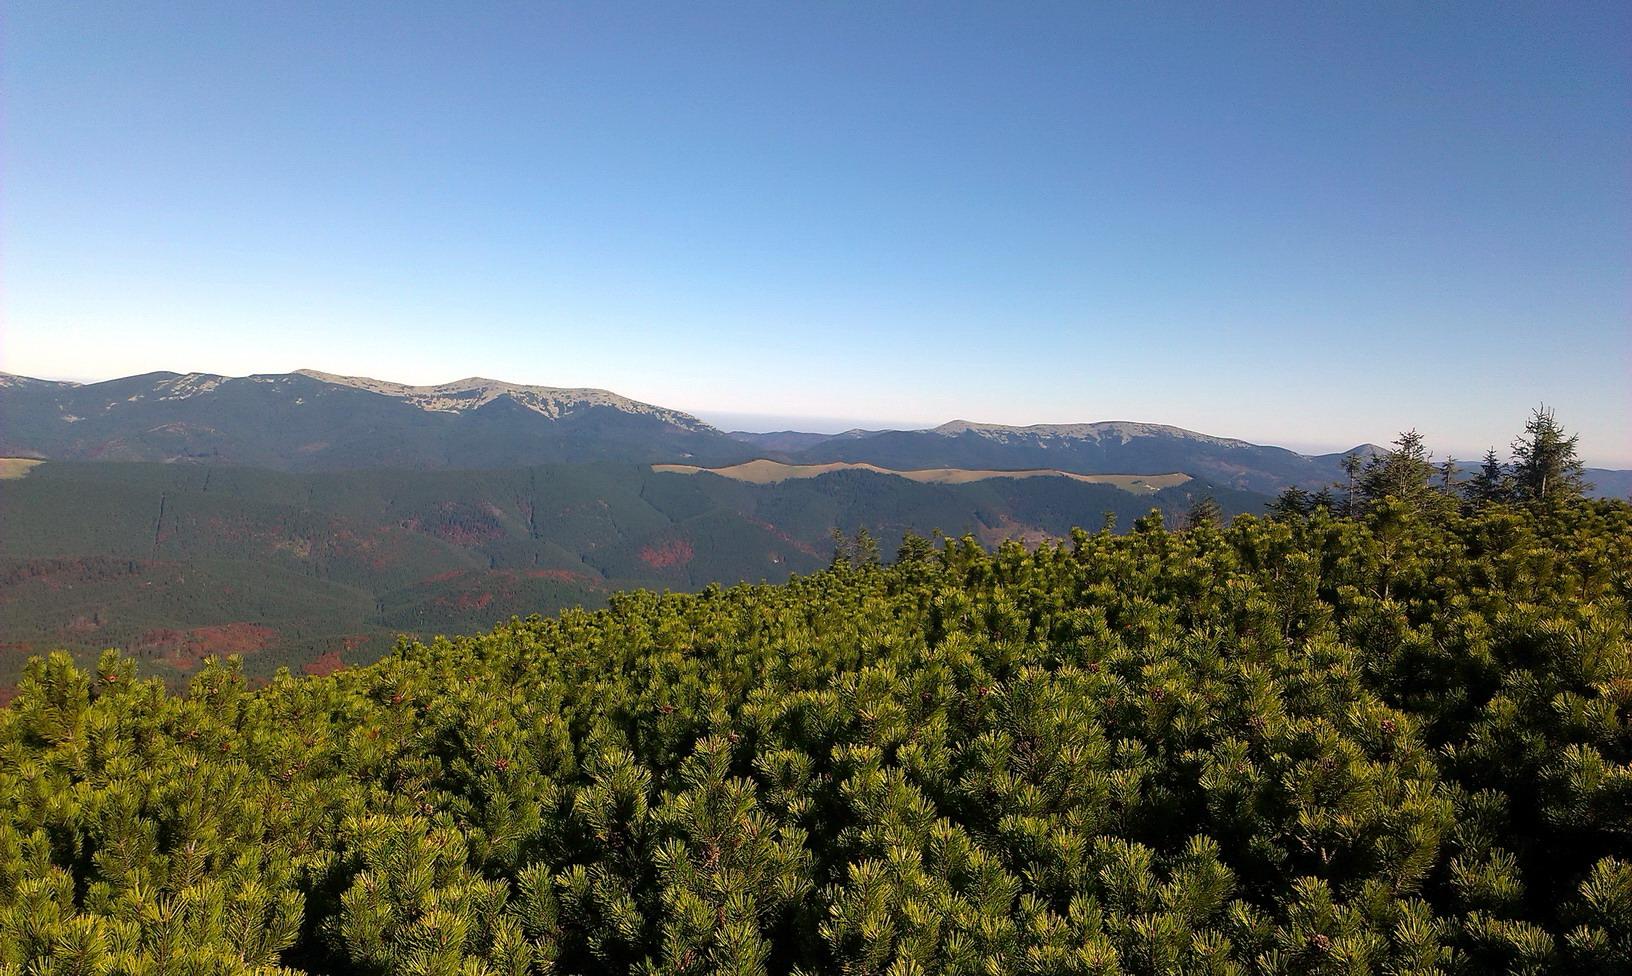 Справа - Горганські вершини. Масив Довбушанки, Синяк, Хом'як. А на передньому плані - Довга і Панорама-бар на ній